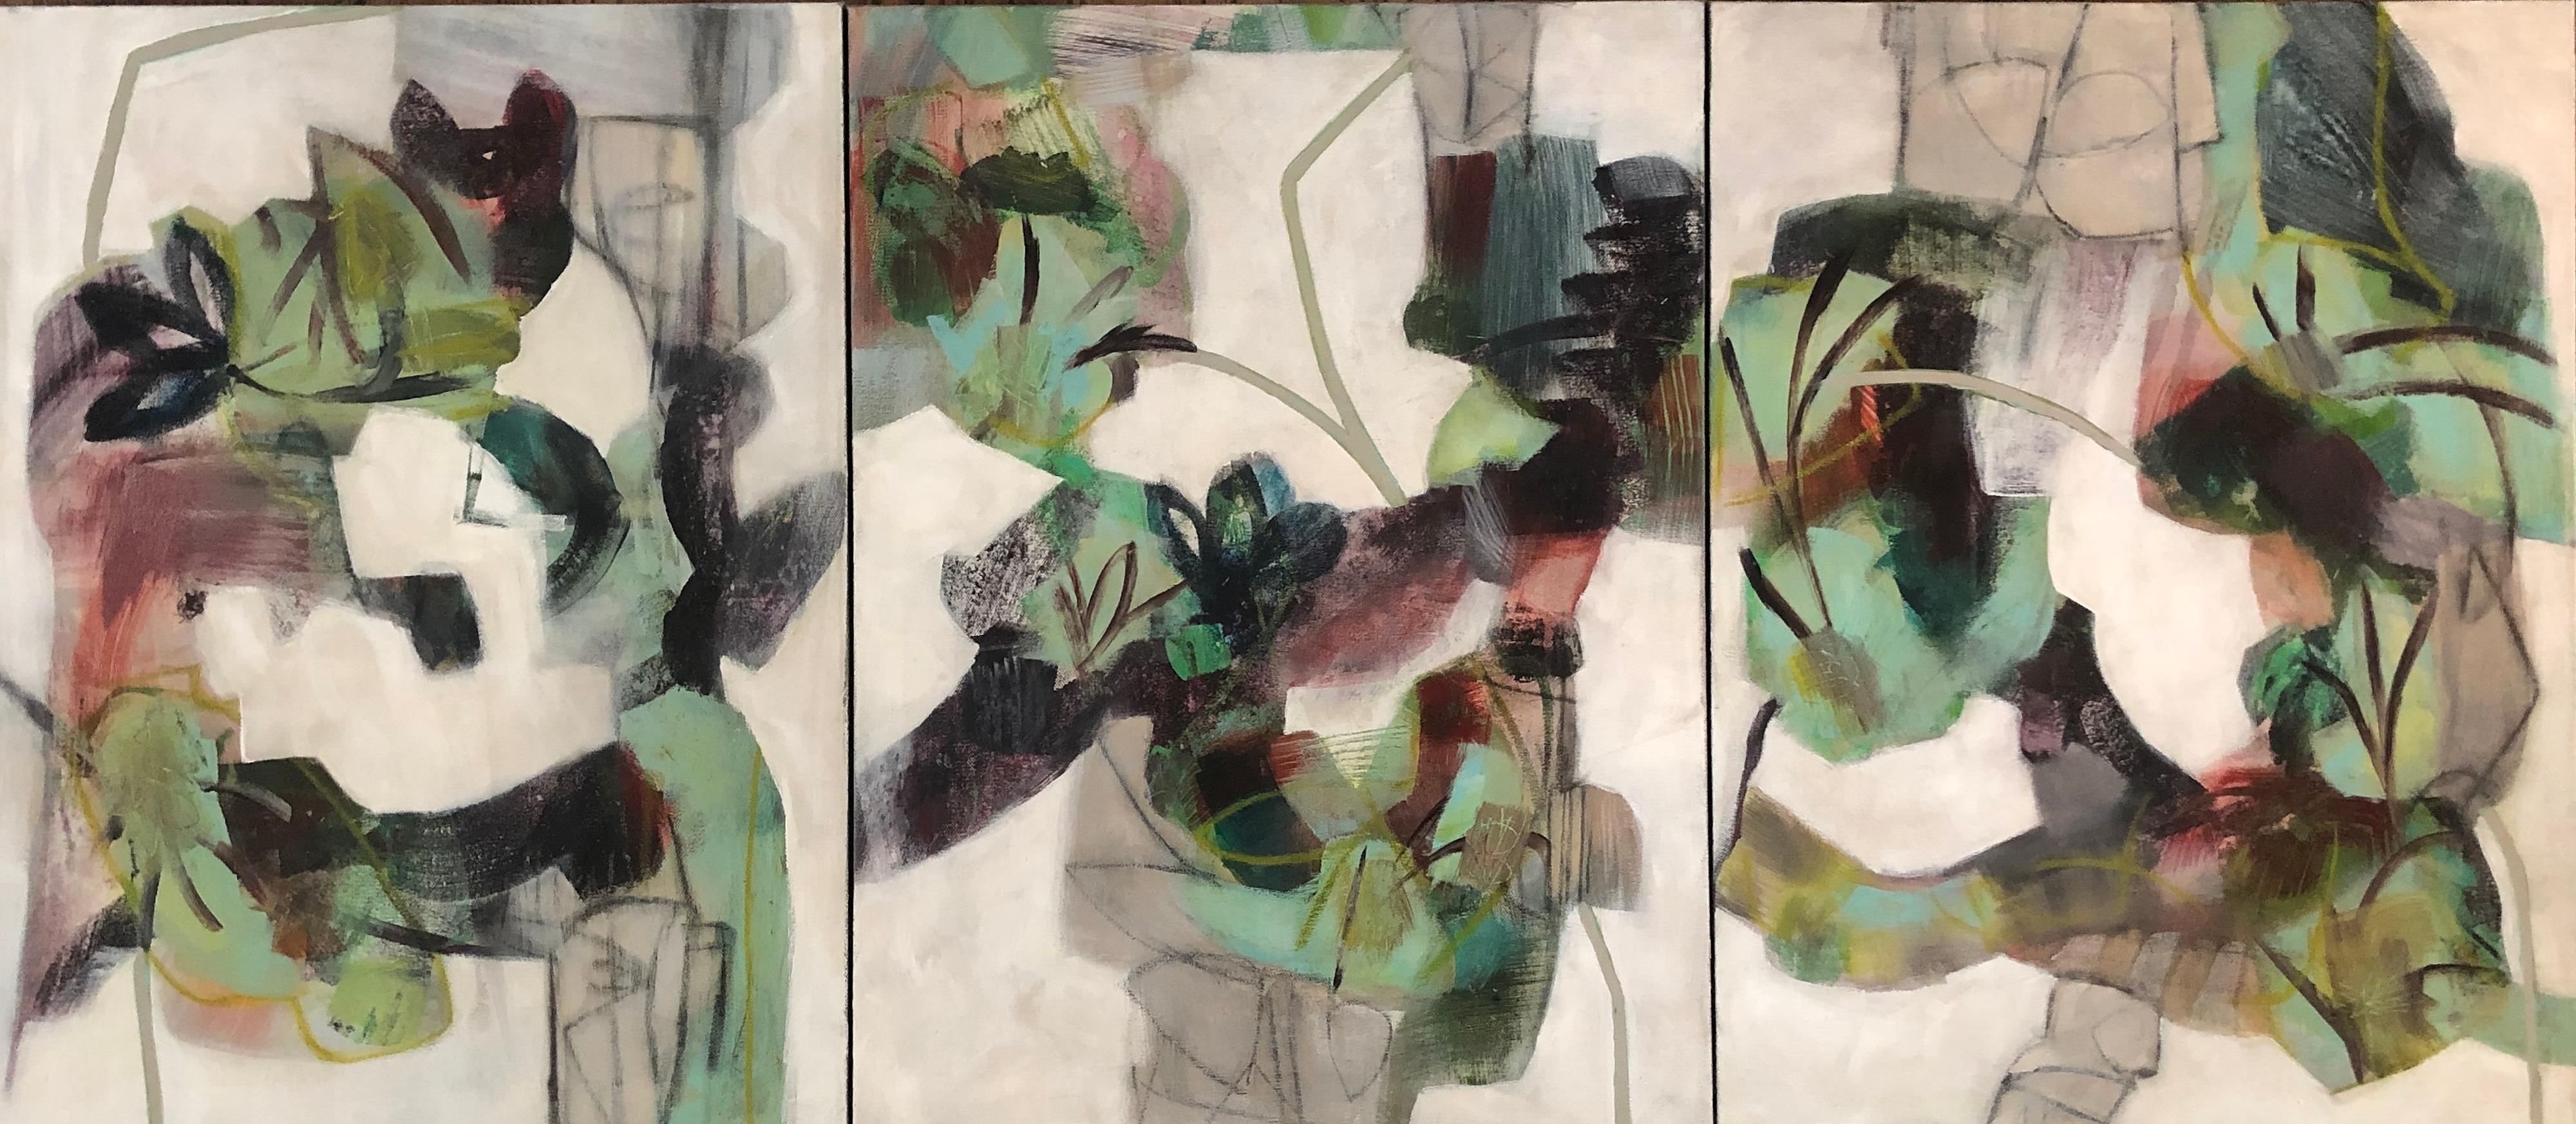 Vine I  II  III Triptych by Sarah Van Beckum   ArtworkNetwork.com